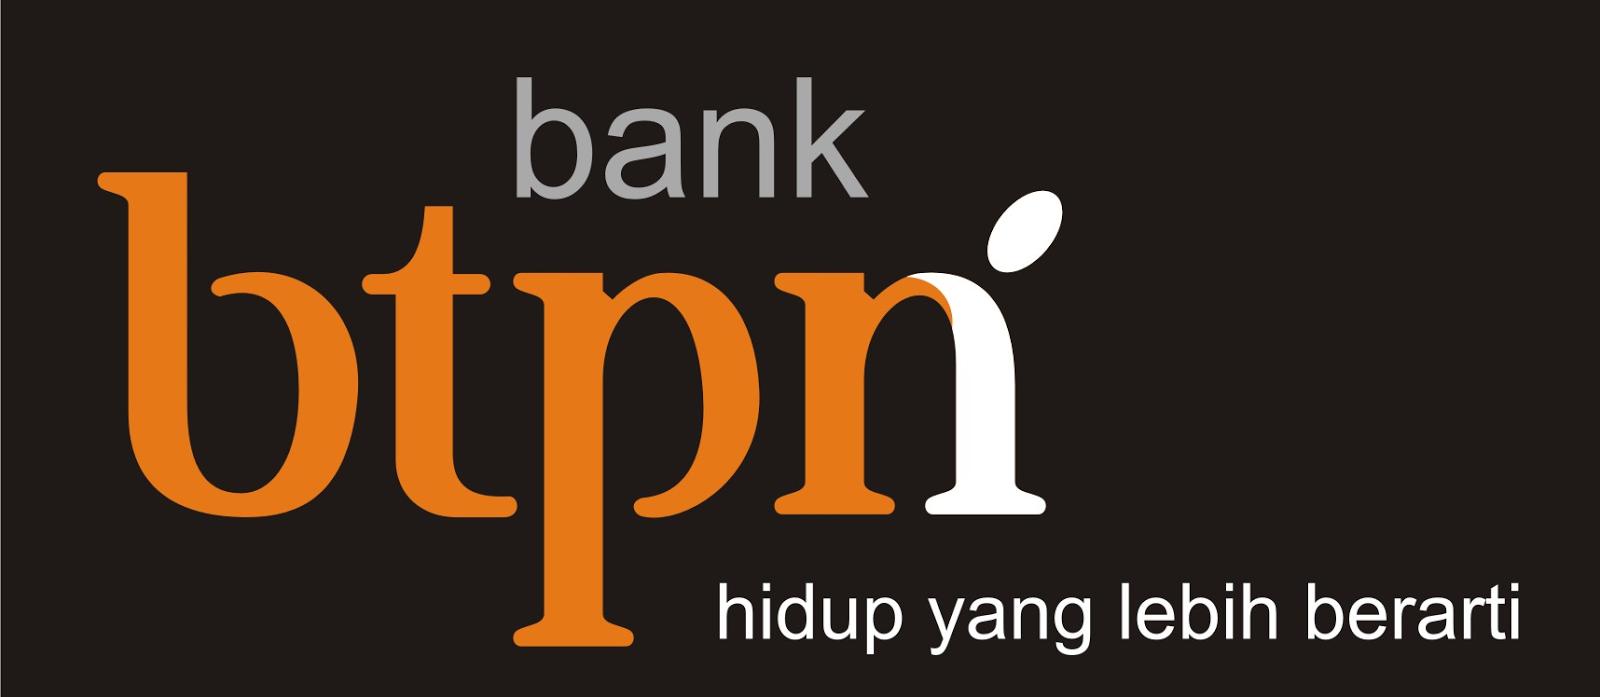 Lowongan Kerja Terbaru 2015 SMK Lokasi Magelang, Kebumen, Temanggung, Purworejo, Yogyakarta, Kendal, Semarang : Info Seleksi Bank BTPN di Magelang